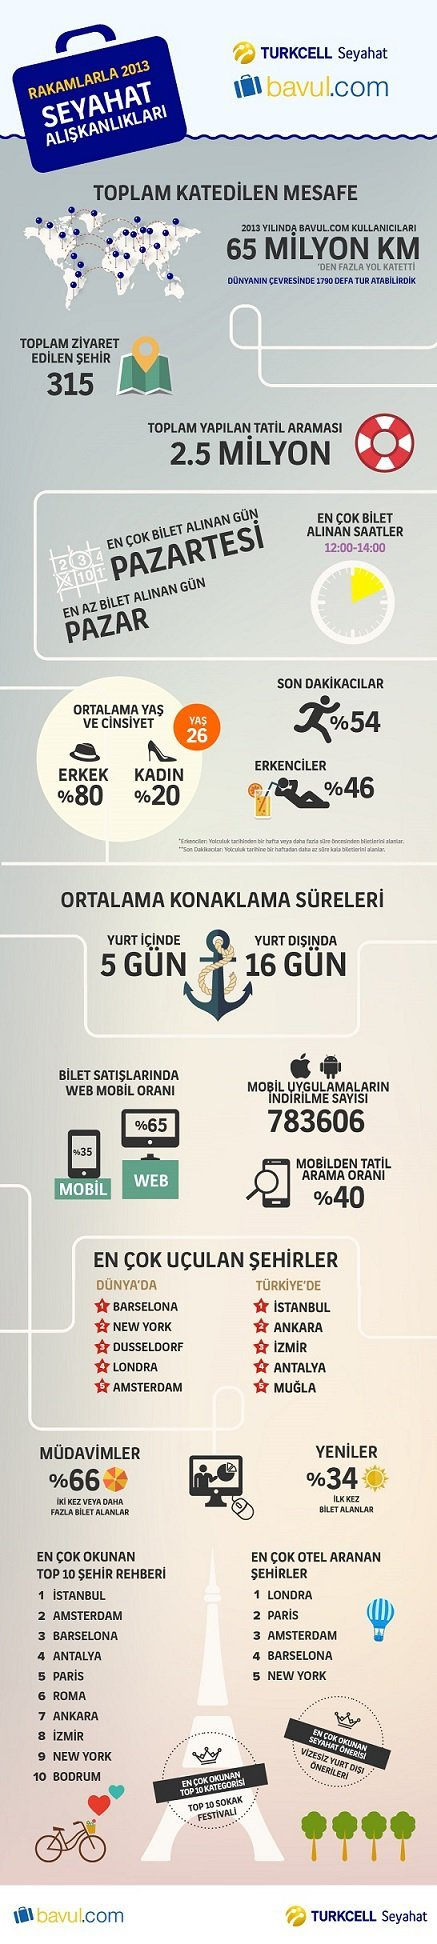 turkcell-seyahat-infografik